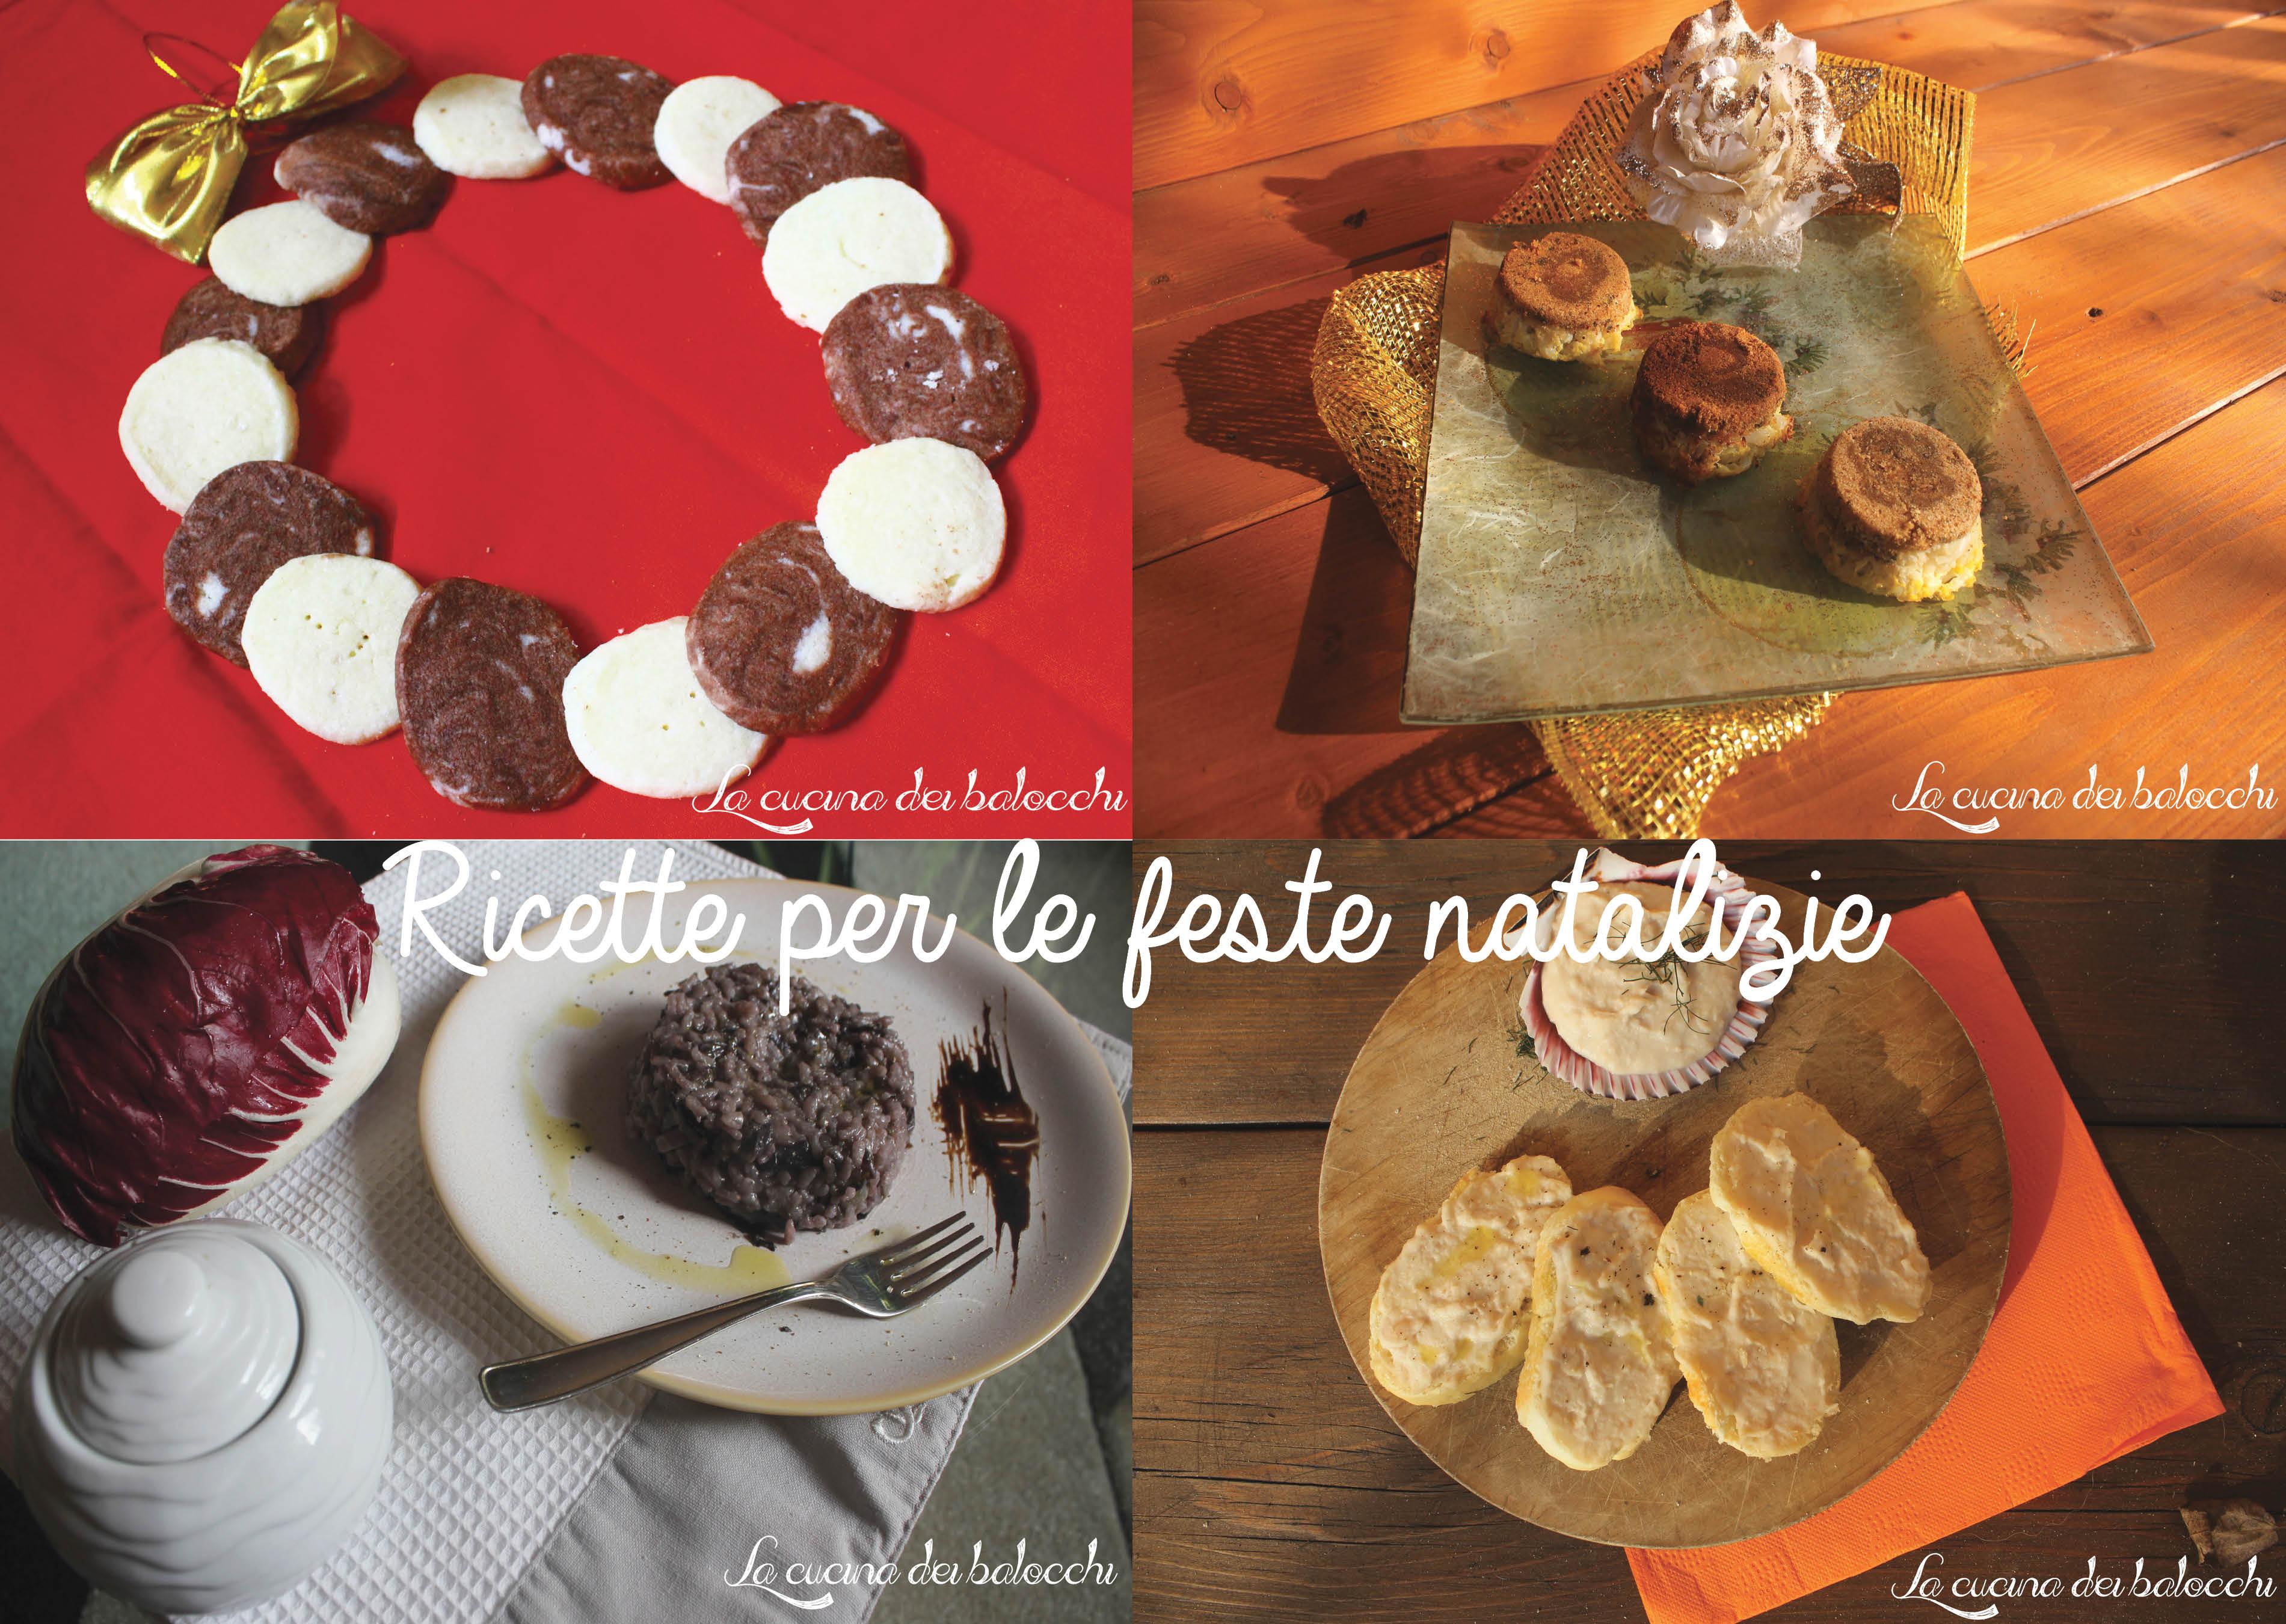 Di Ricette Per Le Vostre Feste Natalizie Da Provare Ed Abbinare Per  #B48317 3801 2700 Programma Per Creare Ricette Di Cucina